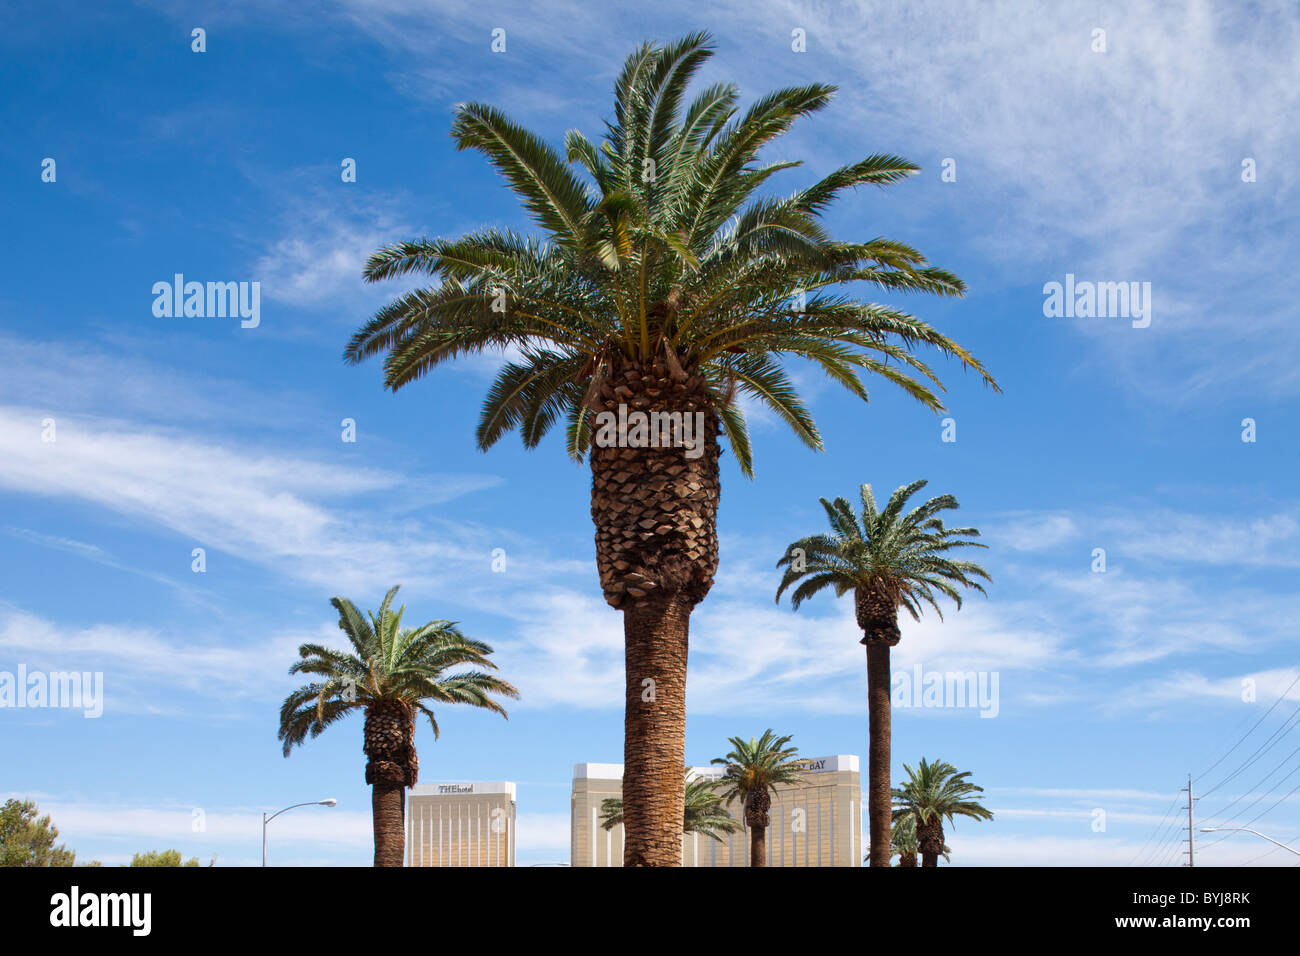 las vegas palm trees stock photos las vegas palm trees stock